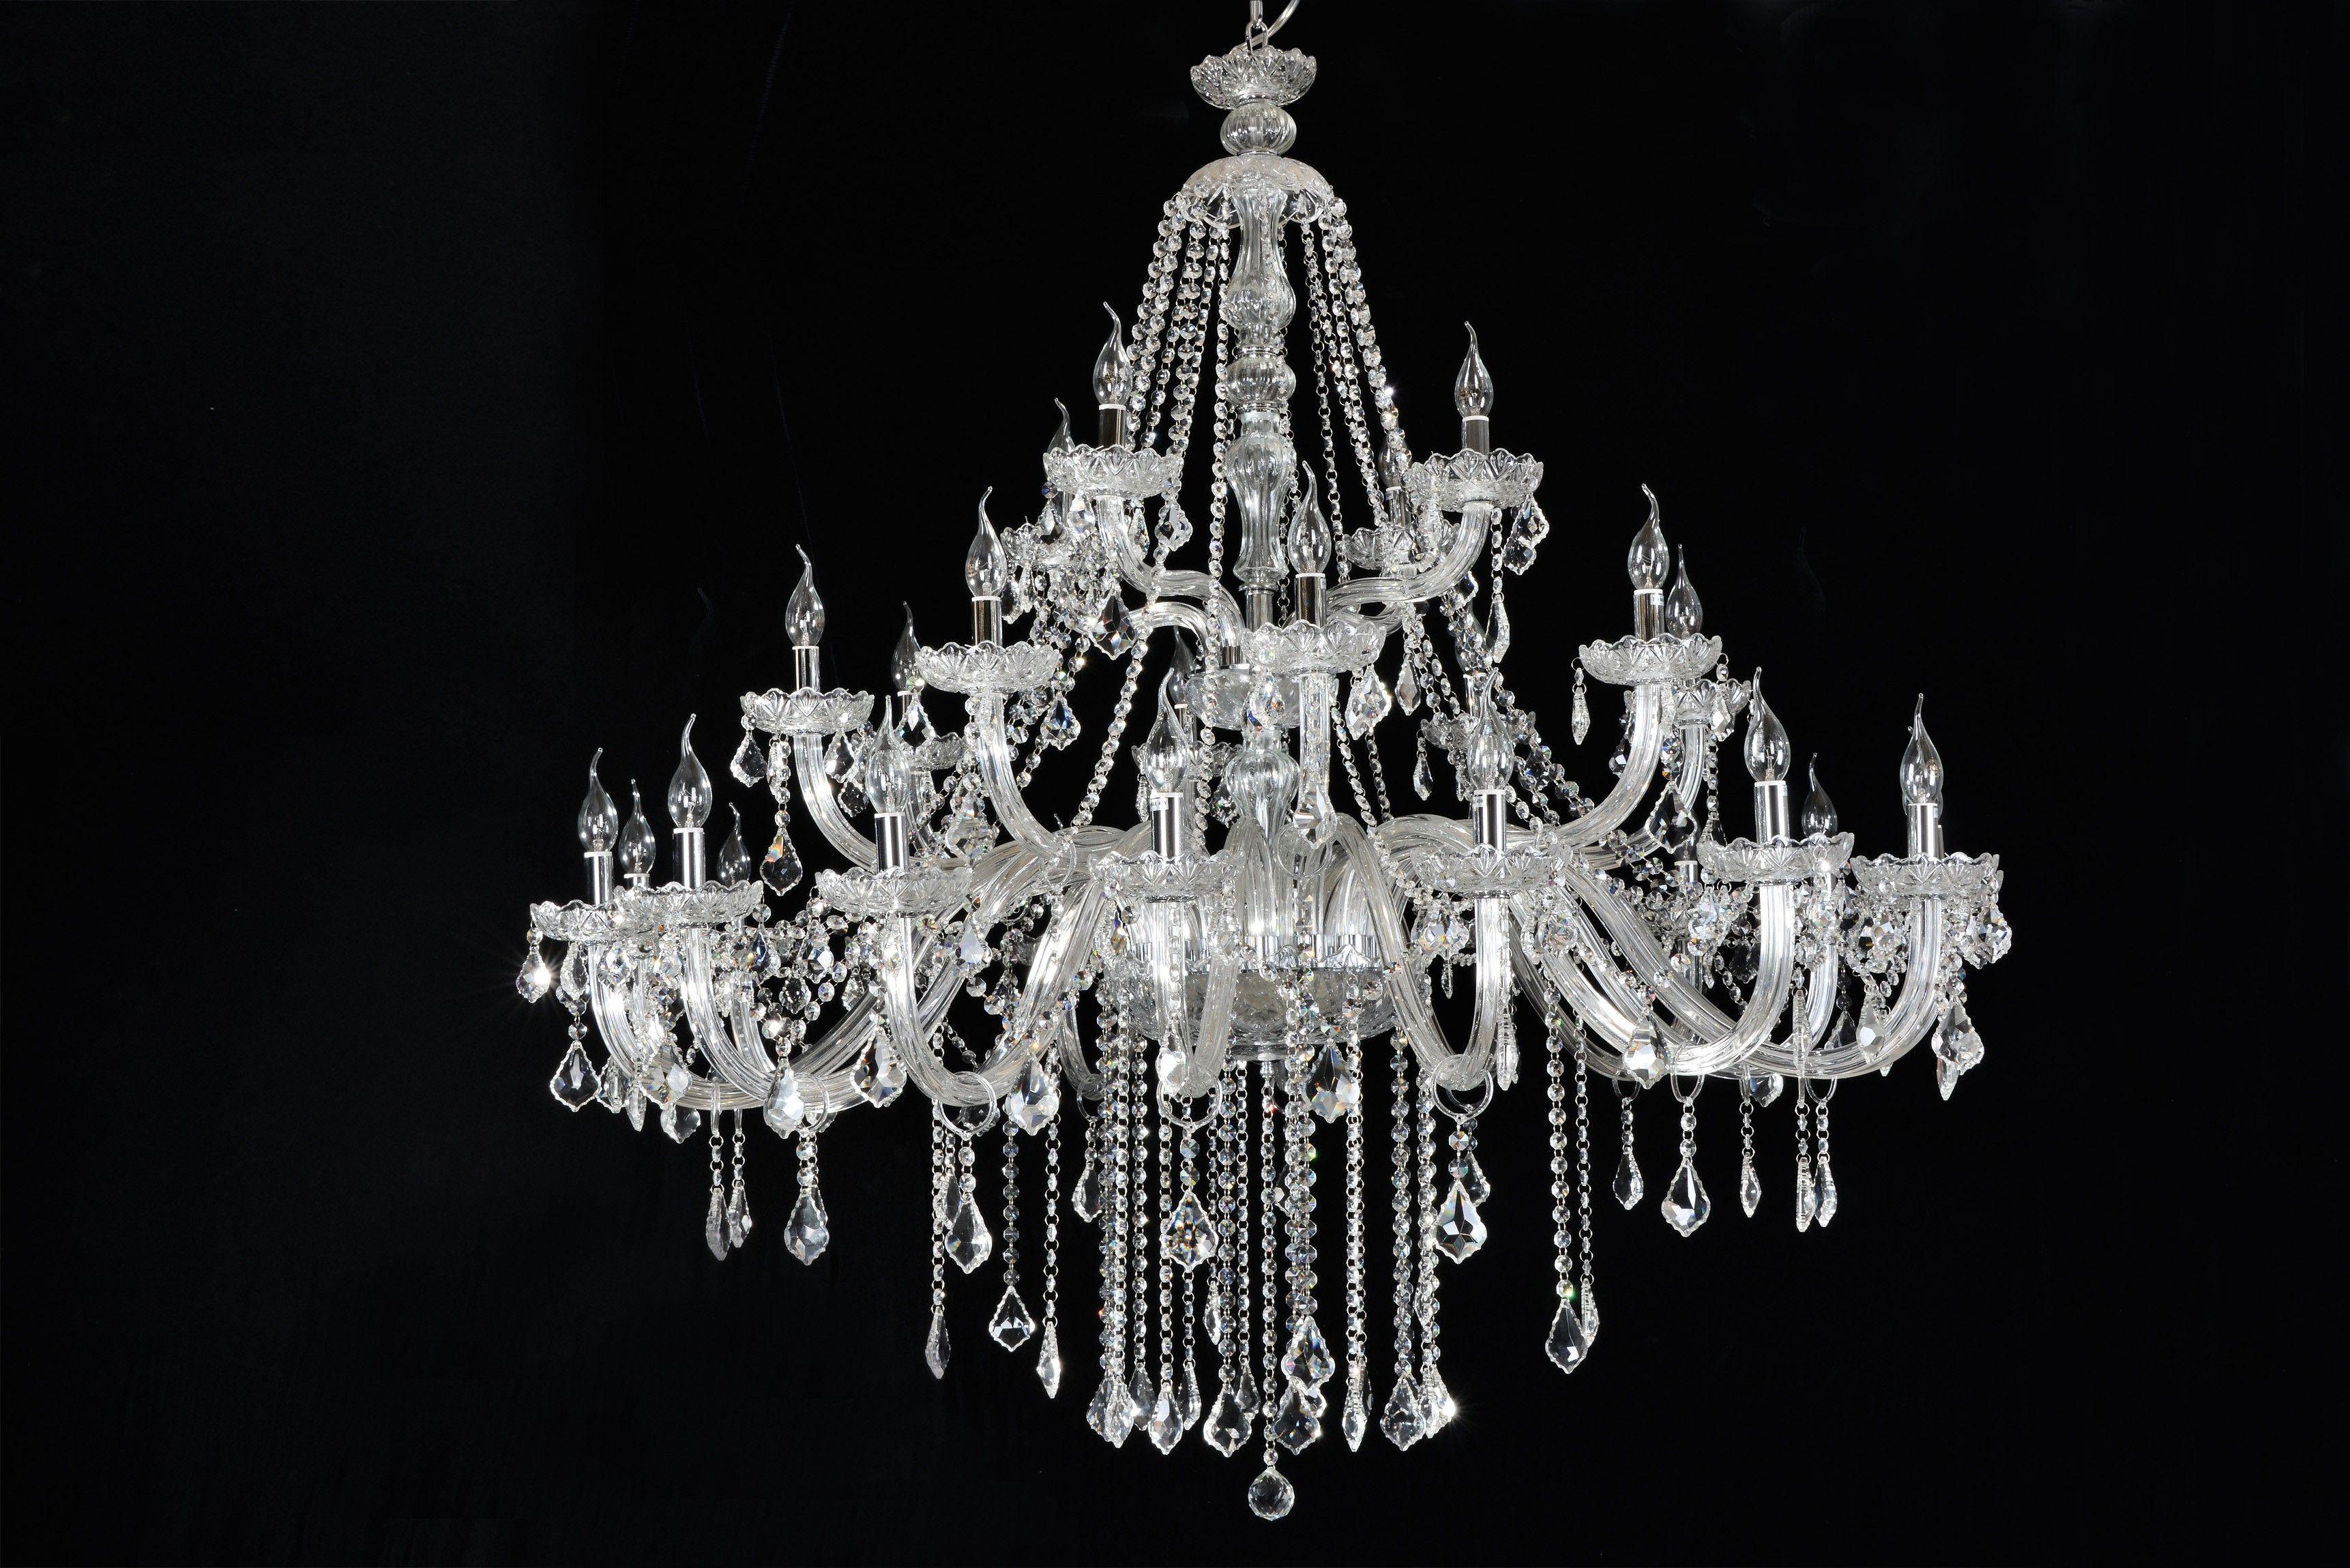 Lustre De Cristal Candelabro Maria Thereza Transparente 28 Lampadas